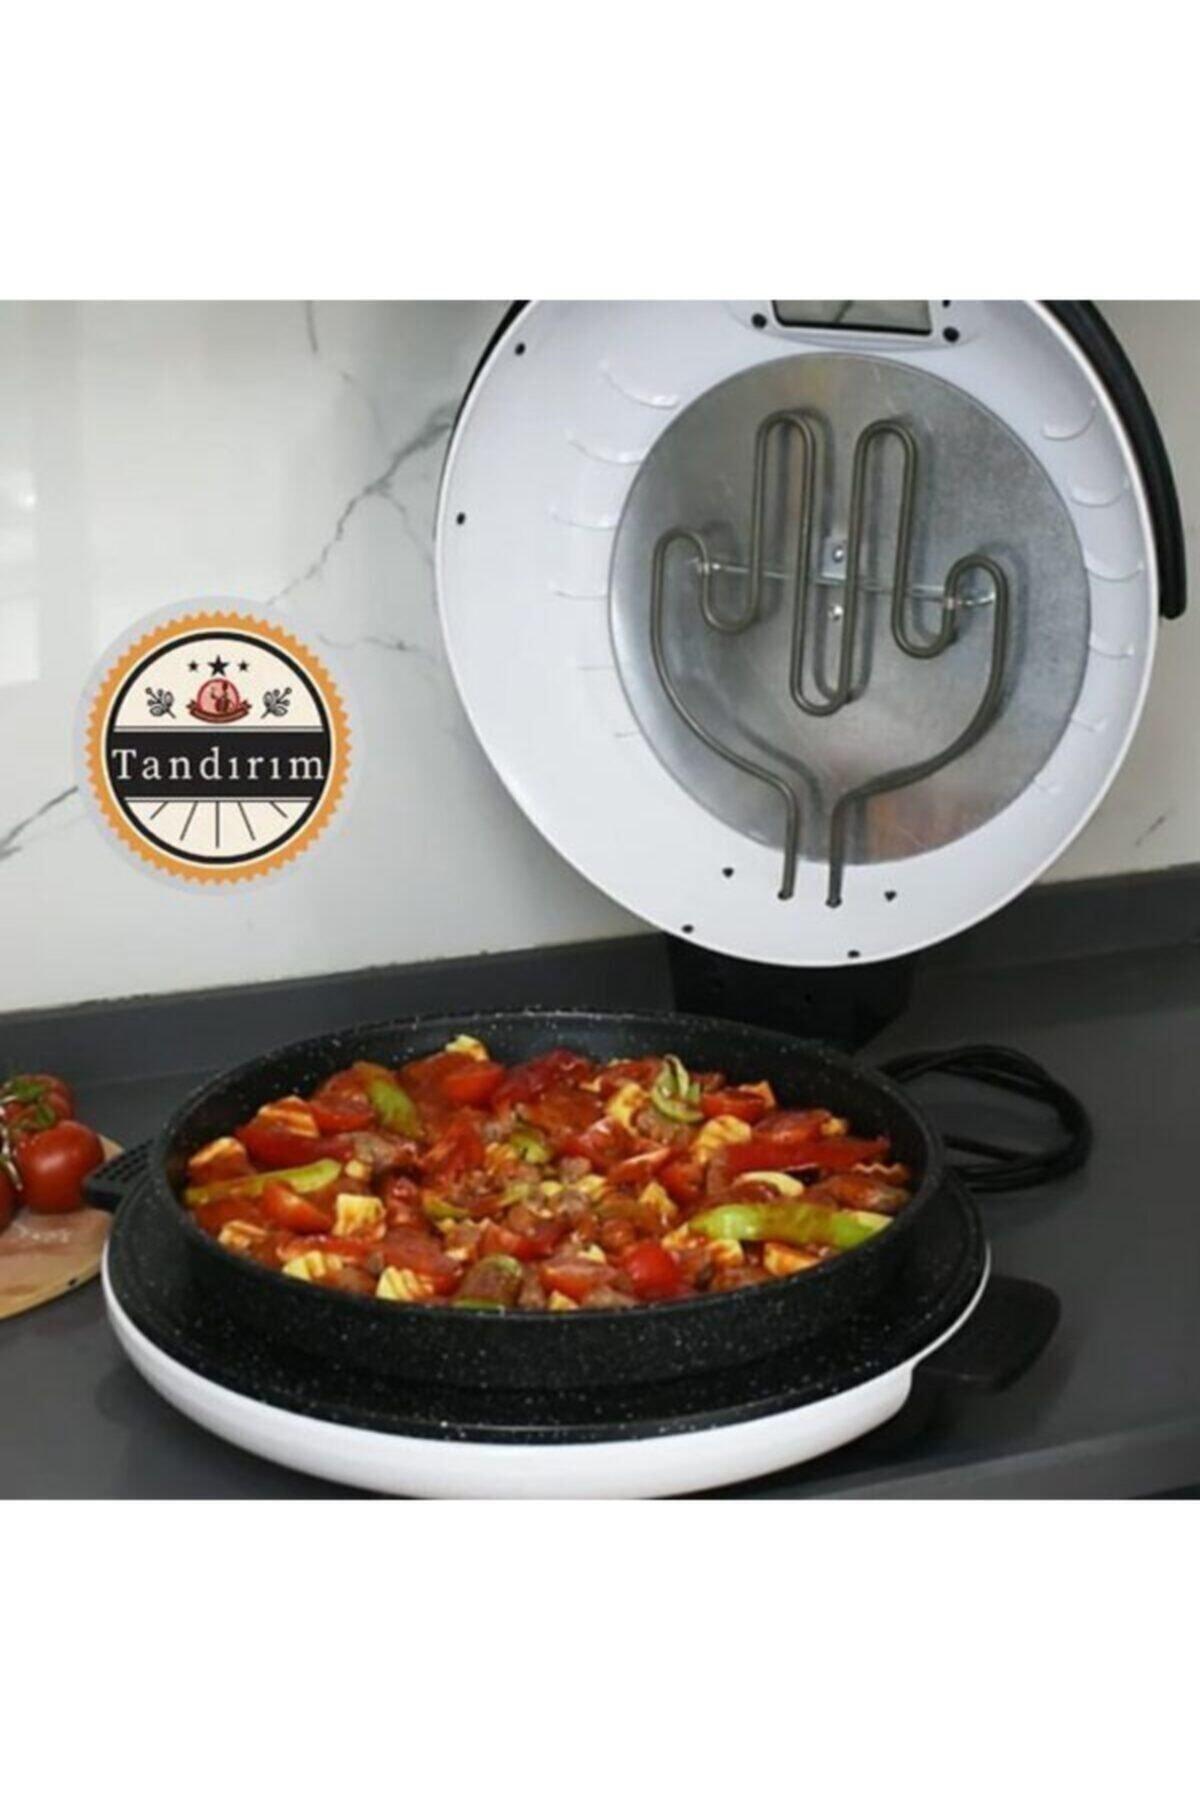 Apex Tandırım Izgara Pizza Lahmacun Ekmek Pişirme Makinesi Siyah 2